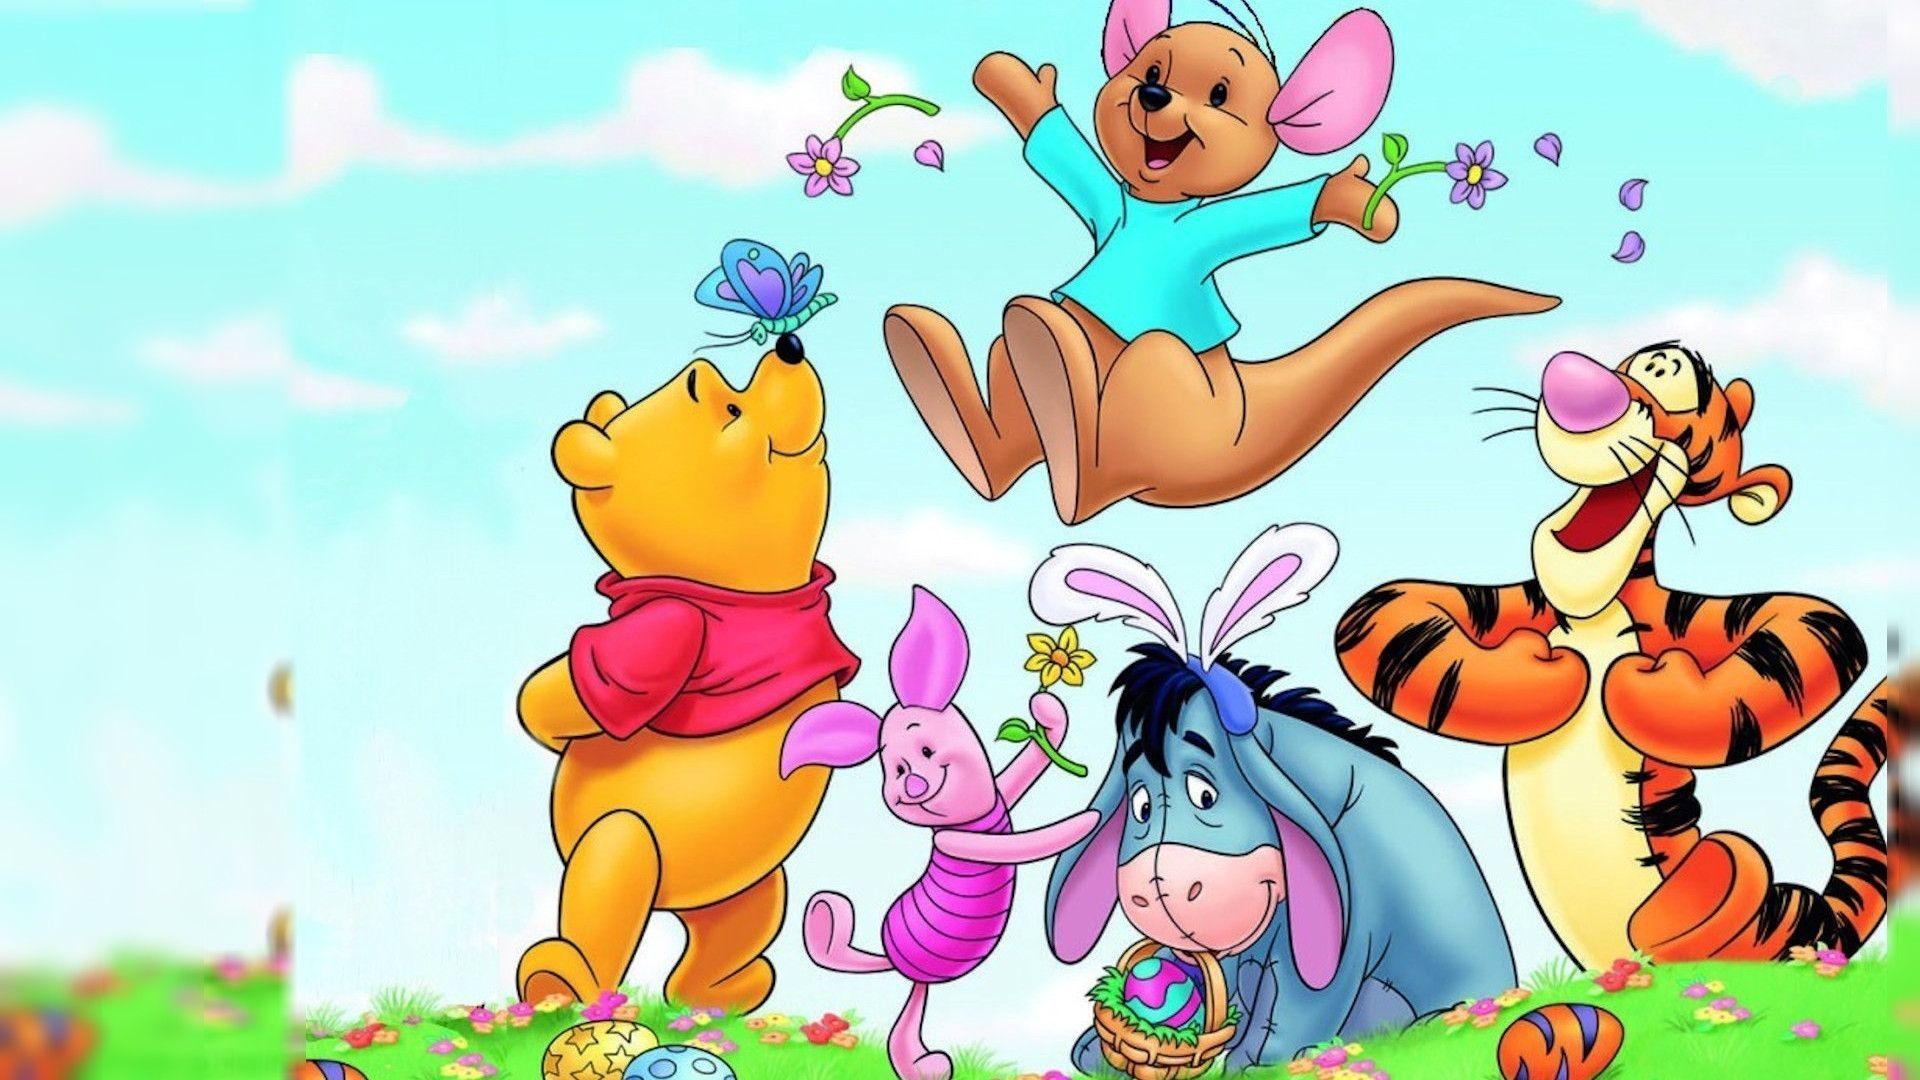 Winnie The Pooh Desktop Wallpapers Top Free Winnie The Pooh